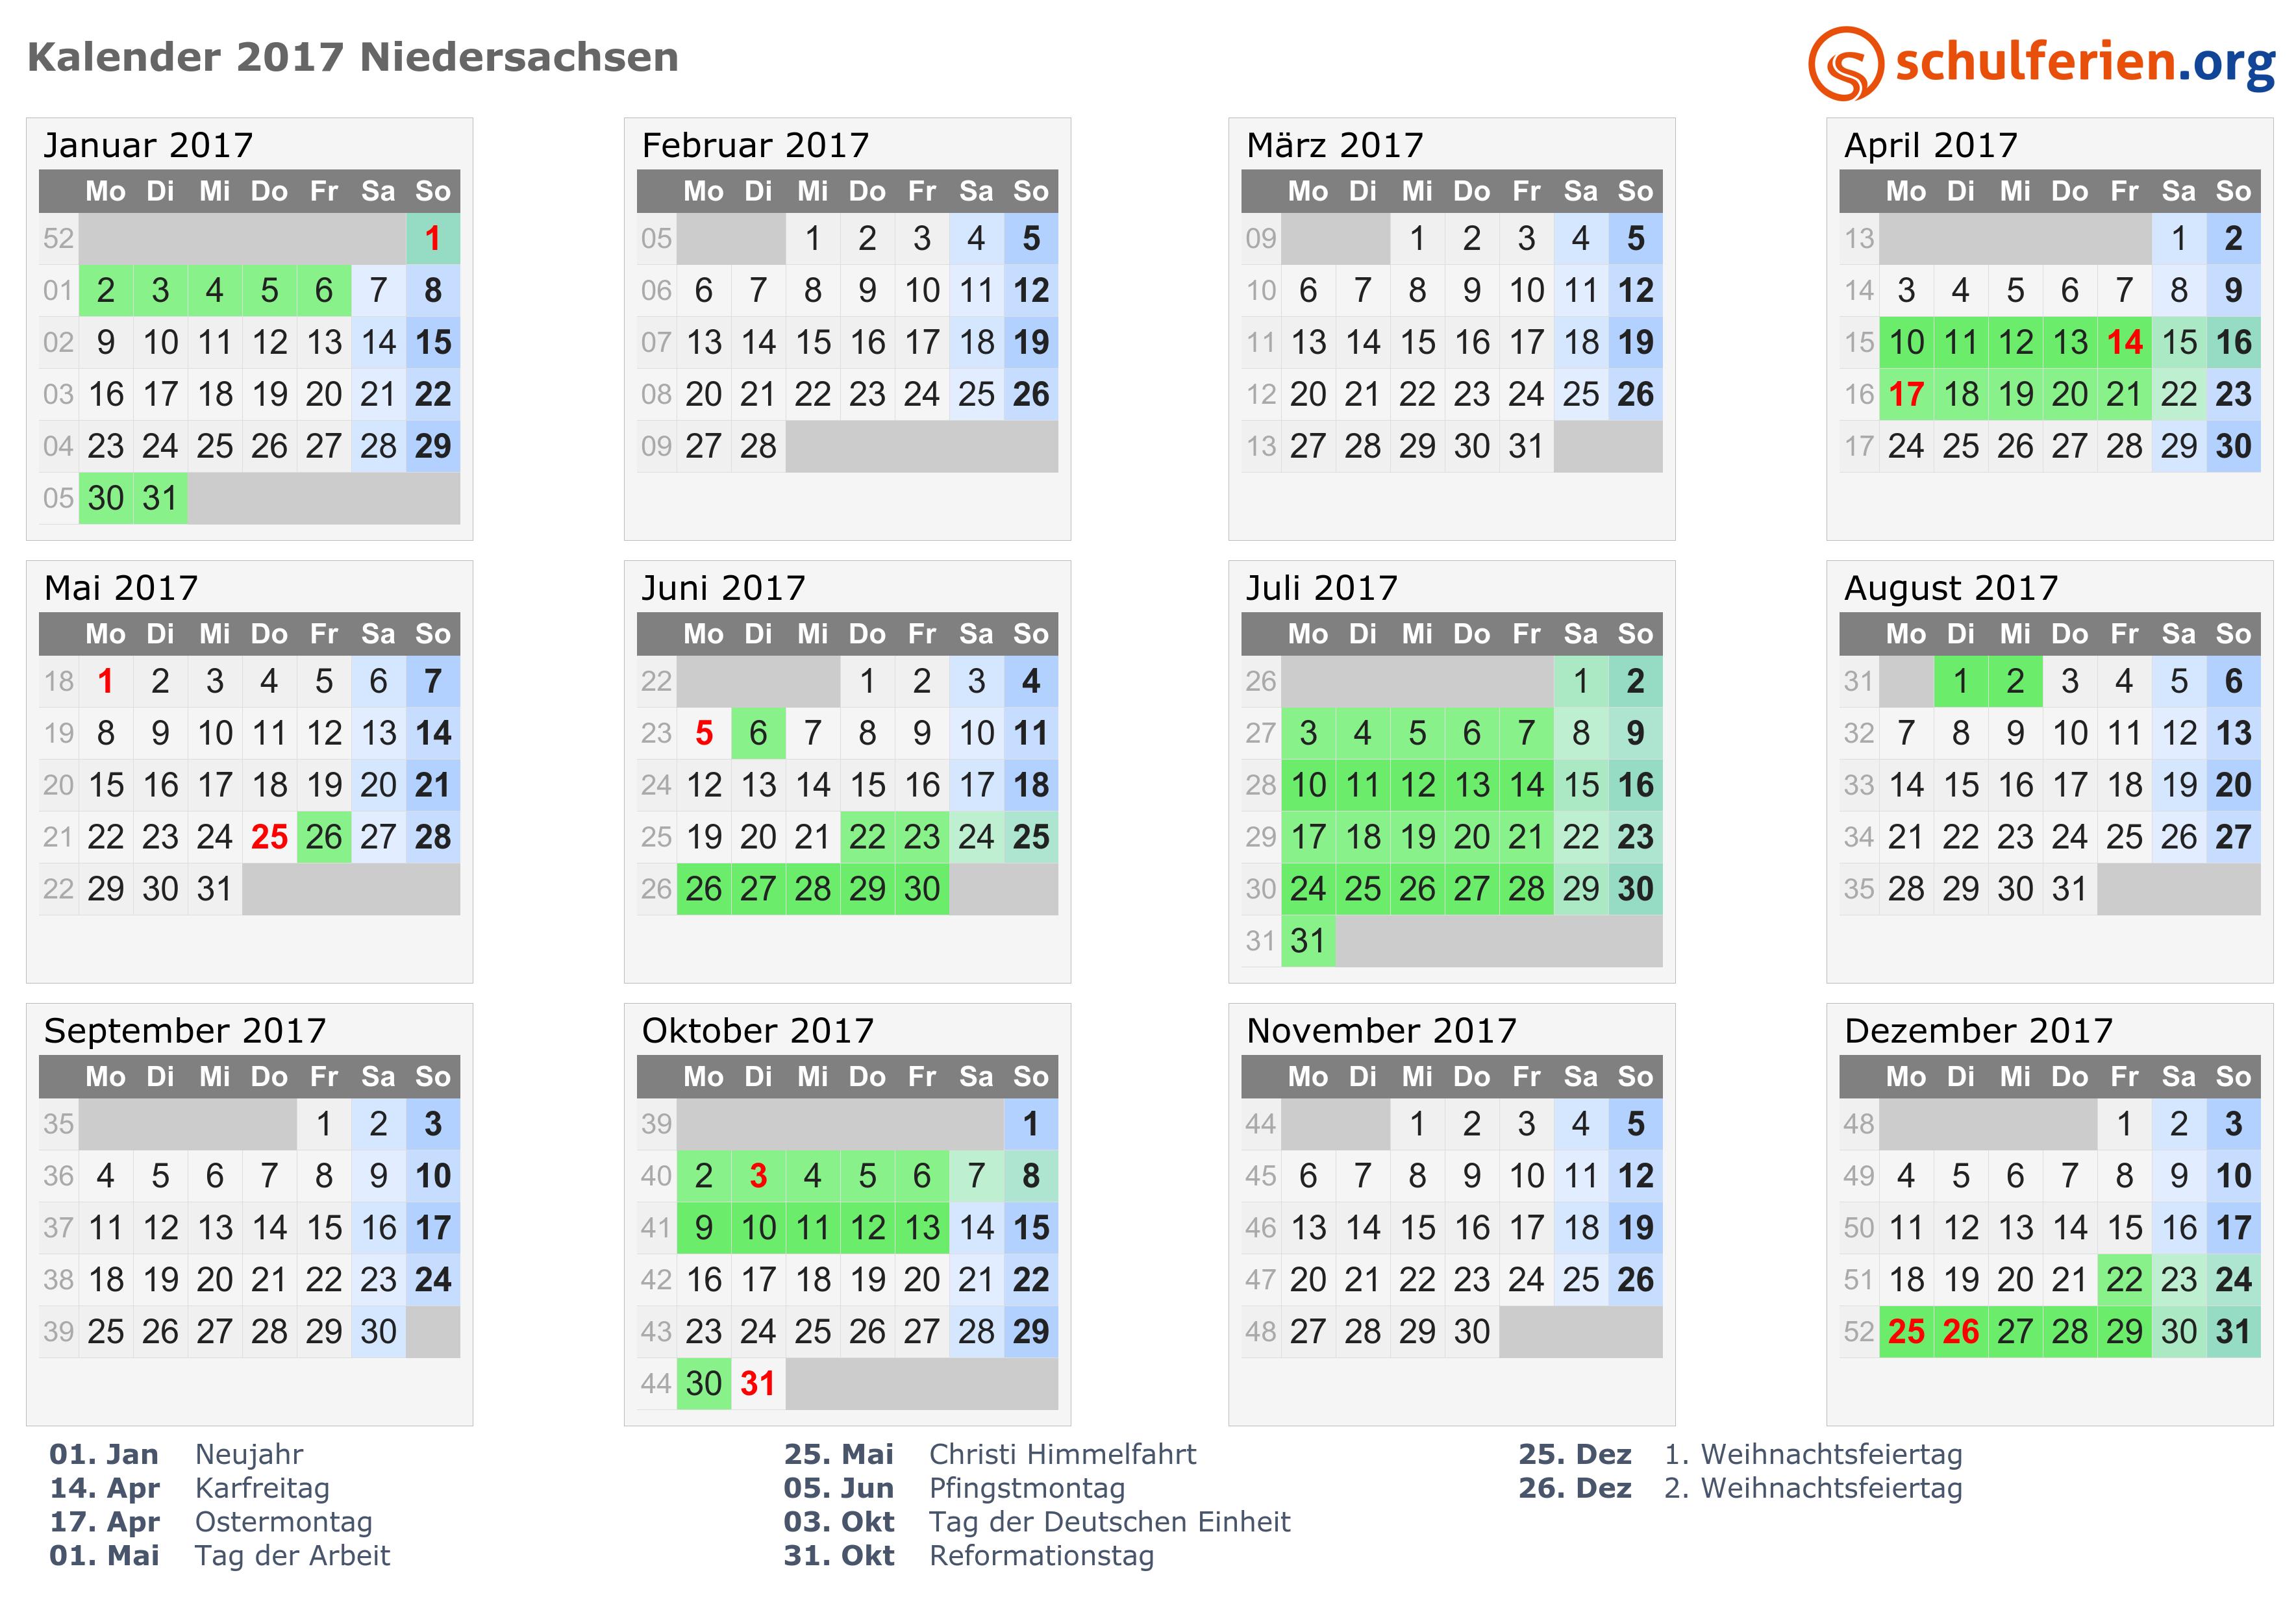 kalender 2017 ferien niedersachsen feiertage. Black Bedroom Furniture Sets. Home Design Ideas